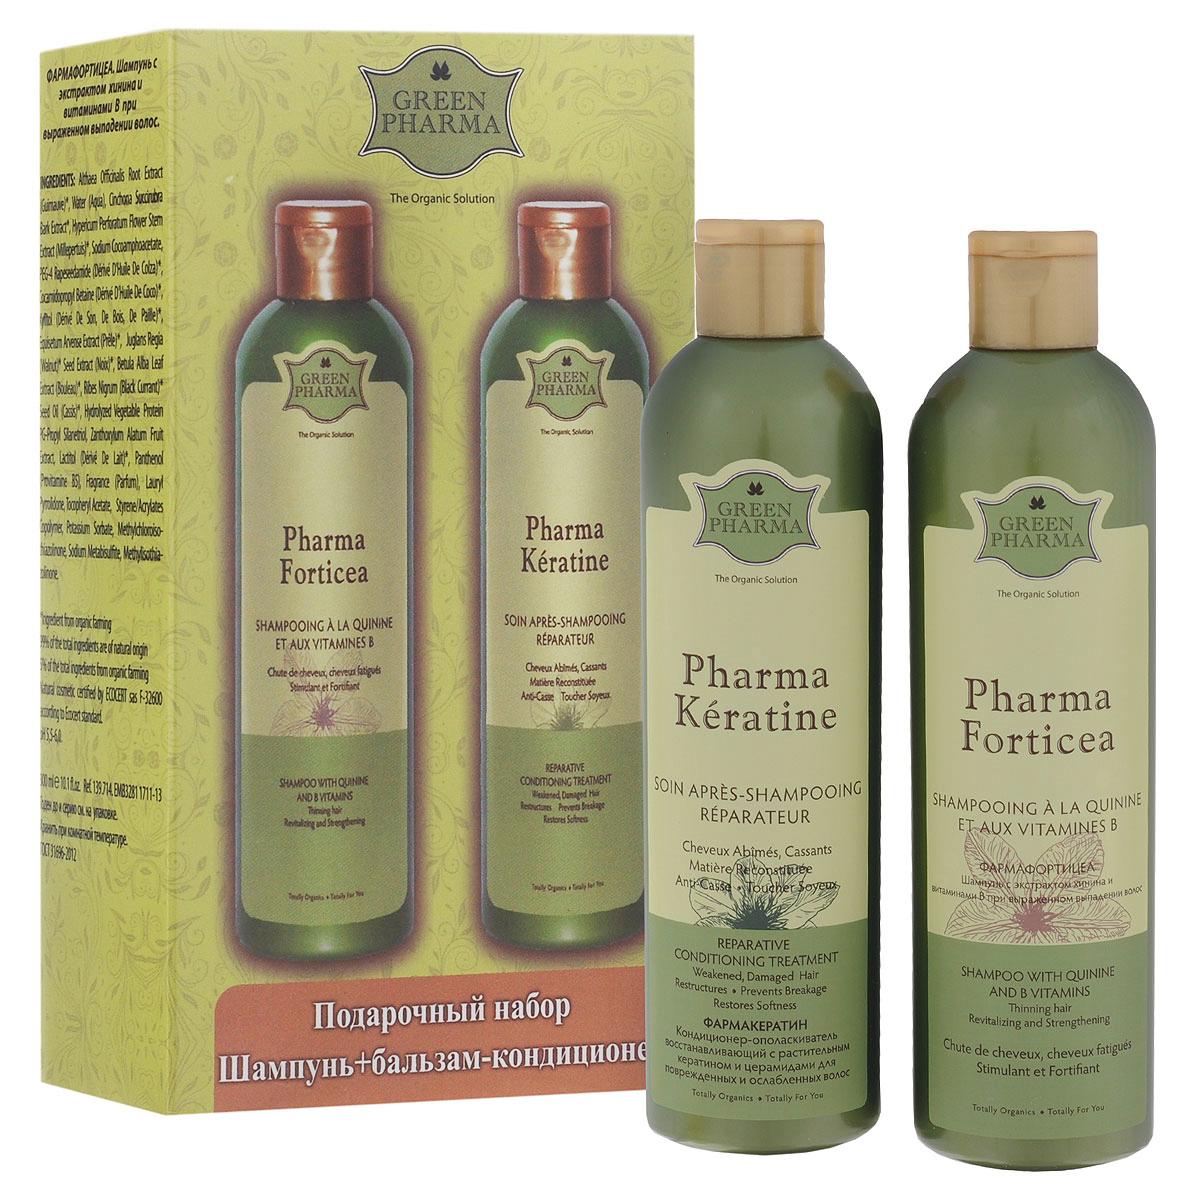 Greenpharma Подарочный набор №2: шампунь Pharma Forticea, кондиционер-ополаскиватель Pharma Keratine, 2х300 мл (Green Pharma)